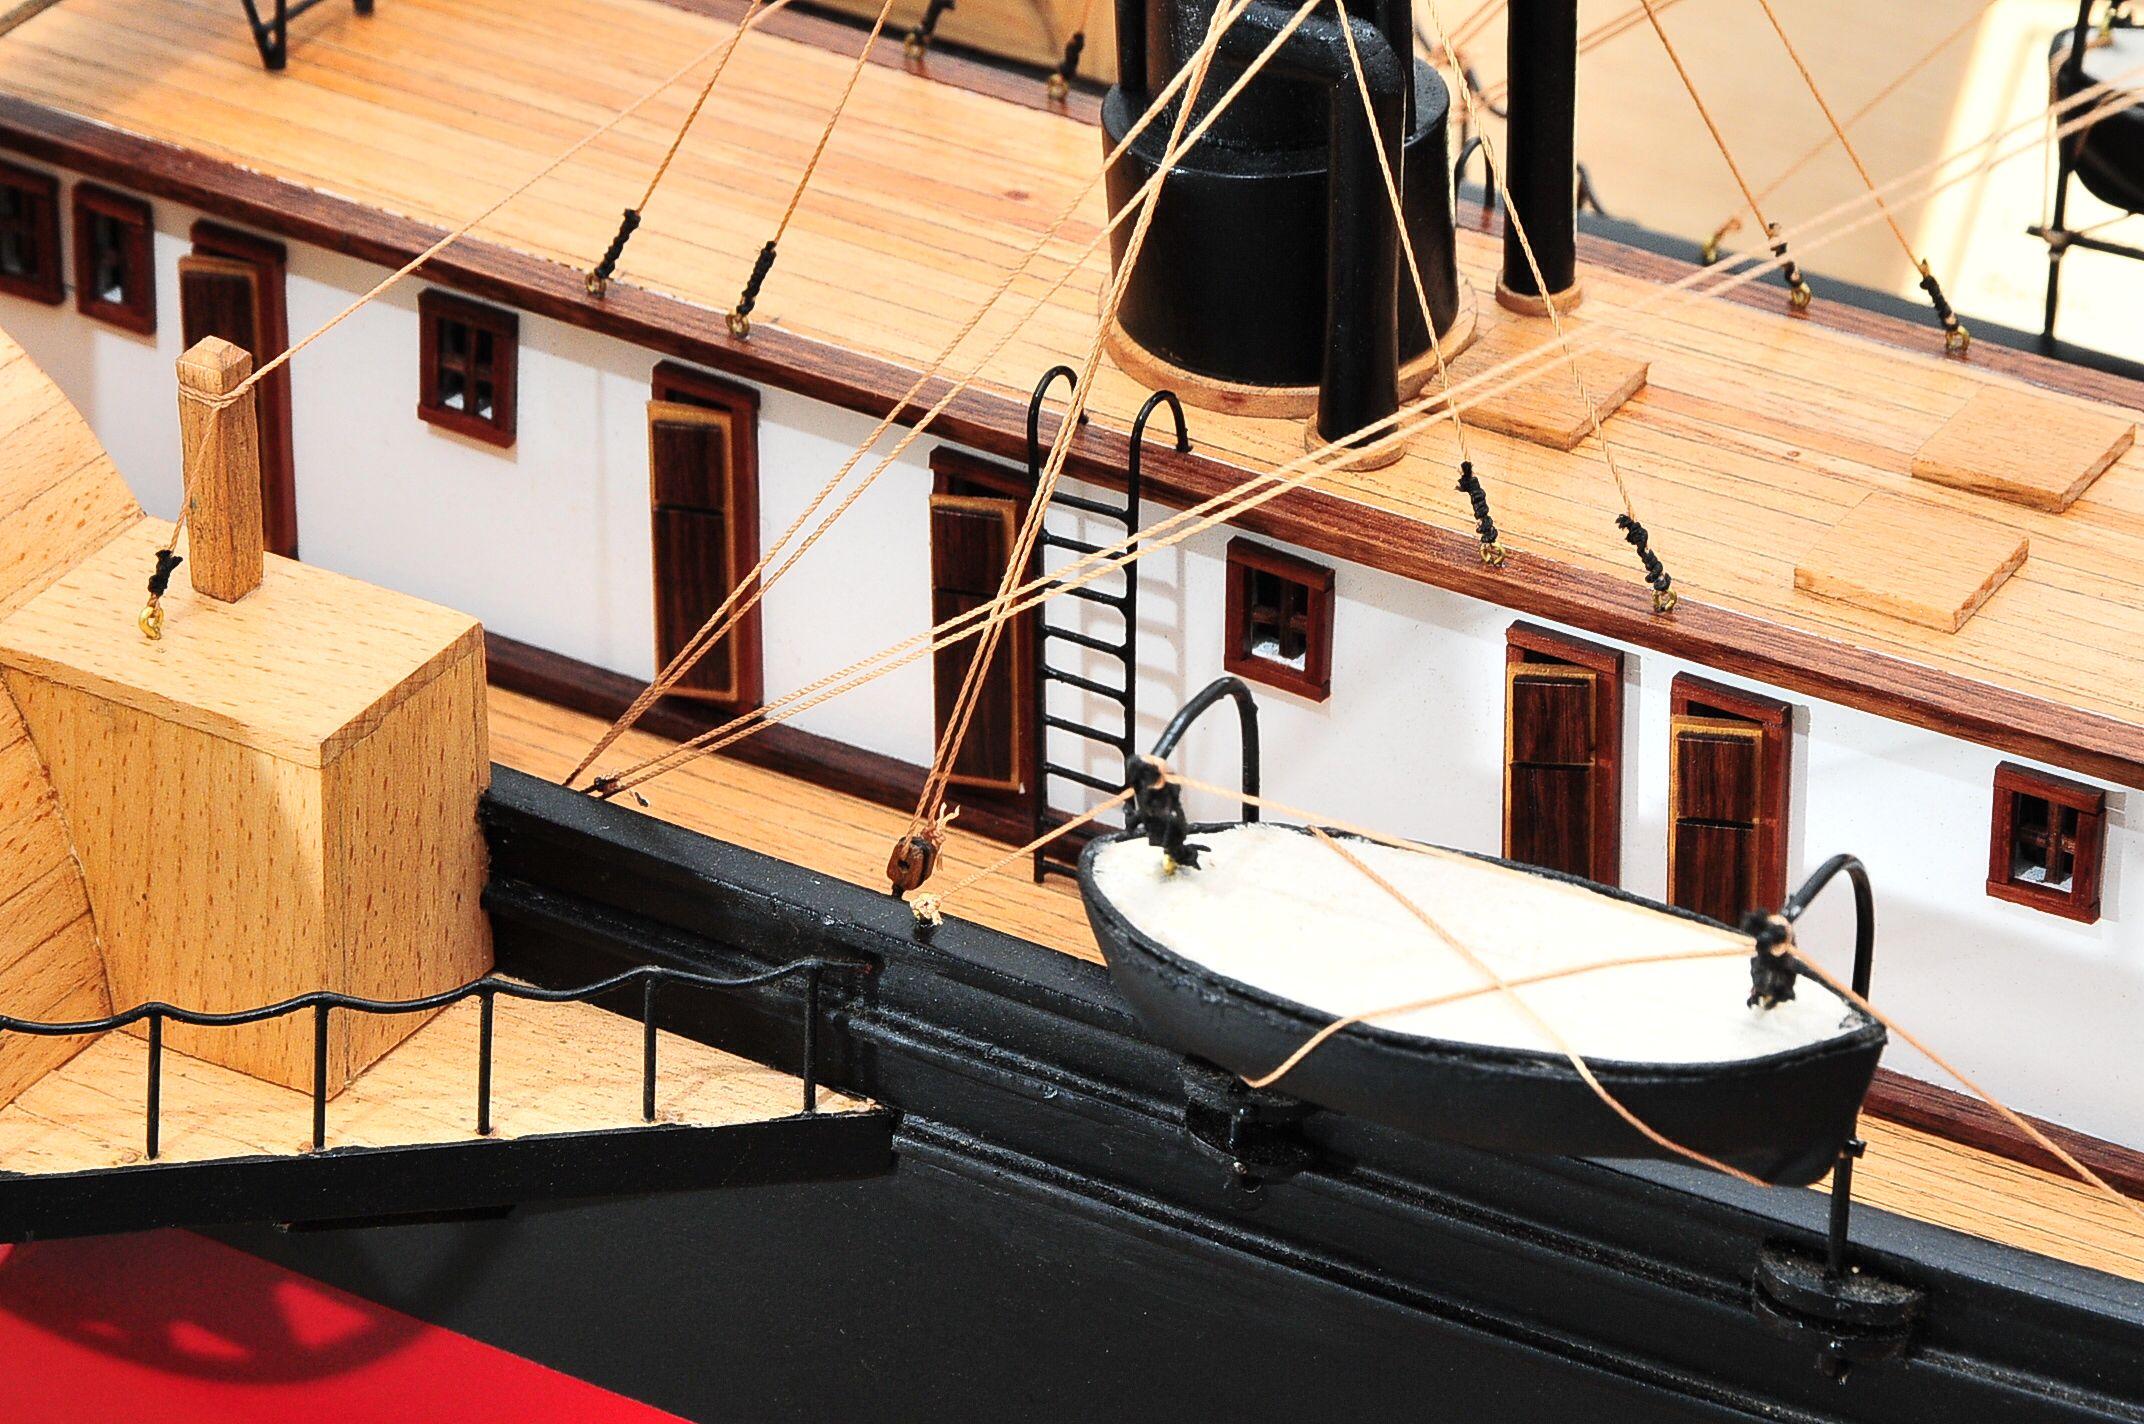 668-8657-California-Model-Ship-Premier-Range